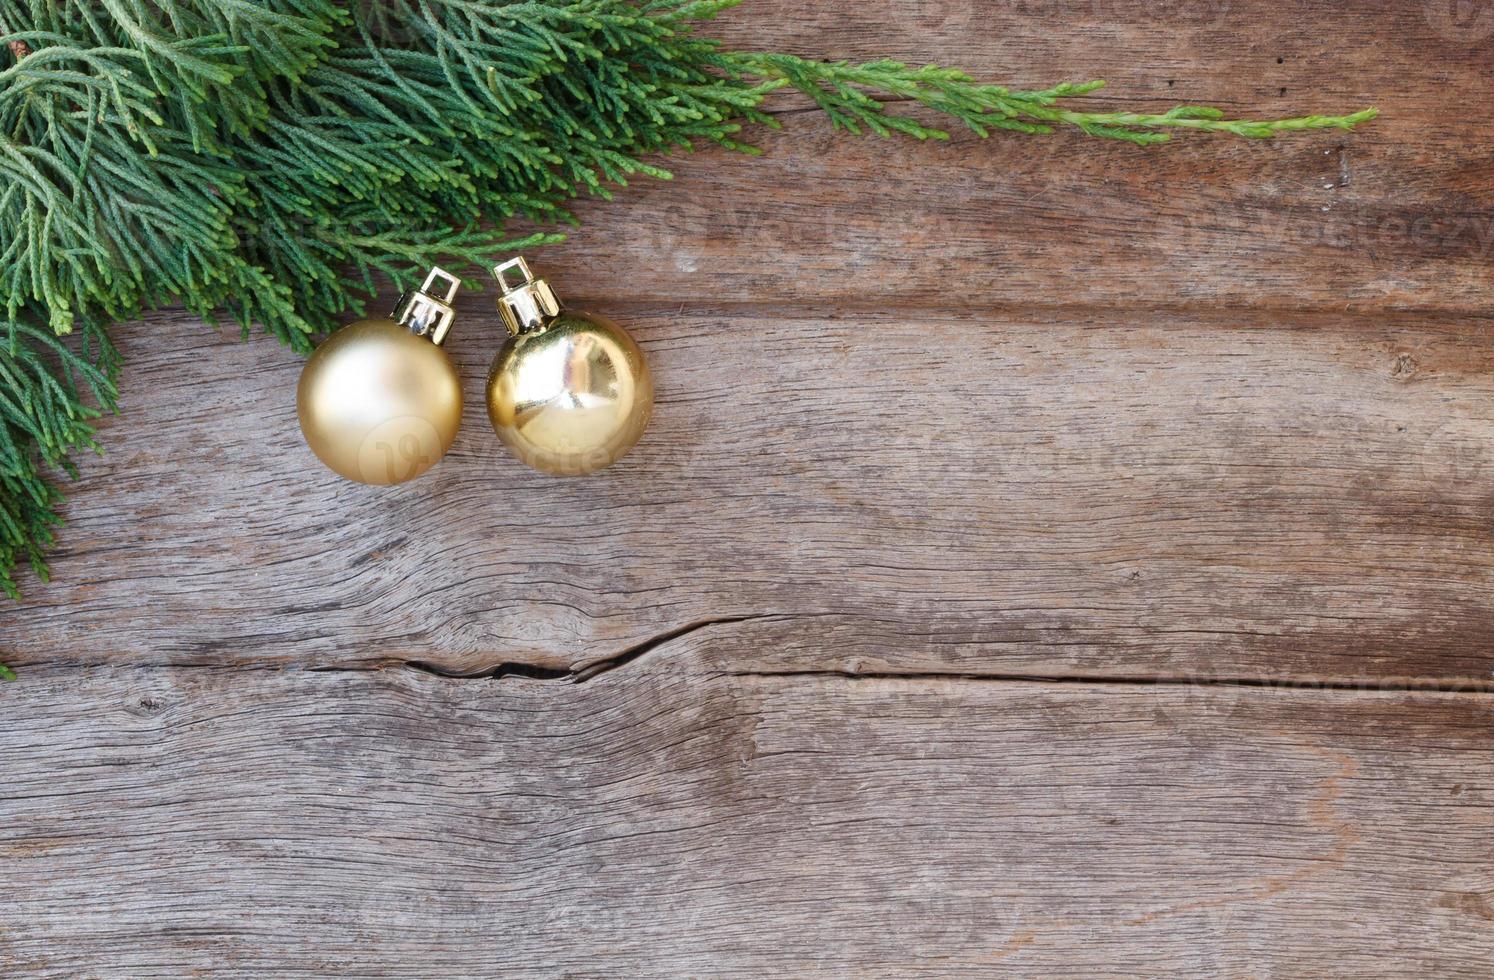 fond de noël avec cadeau de décoration photo